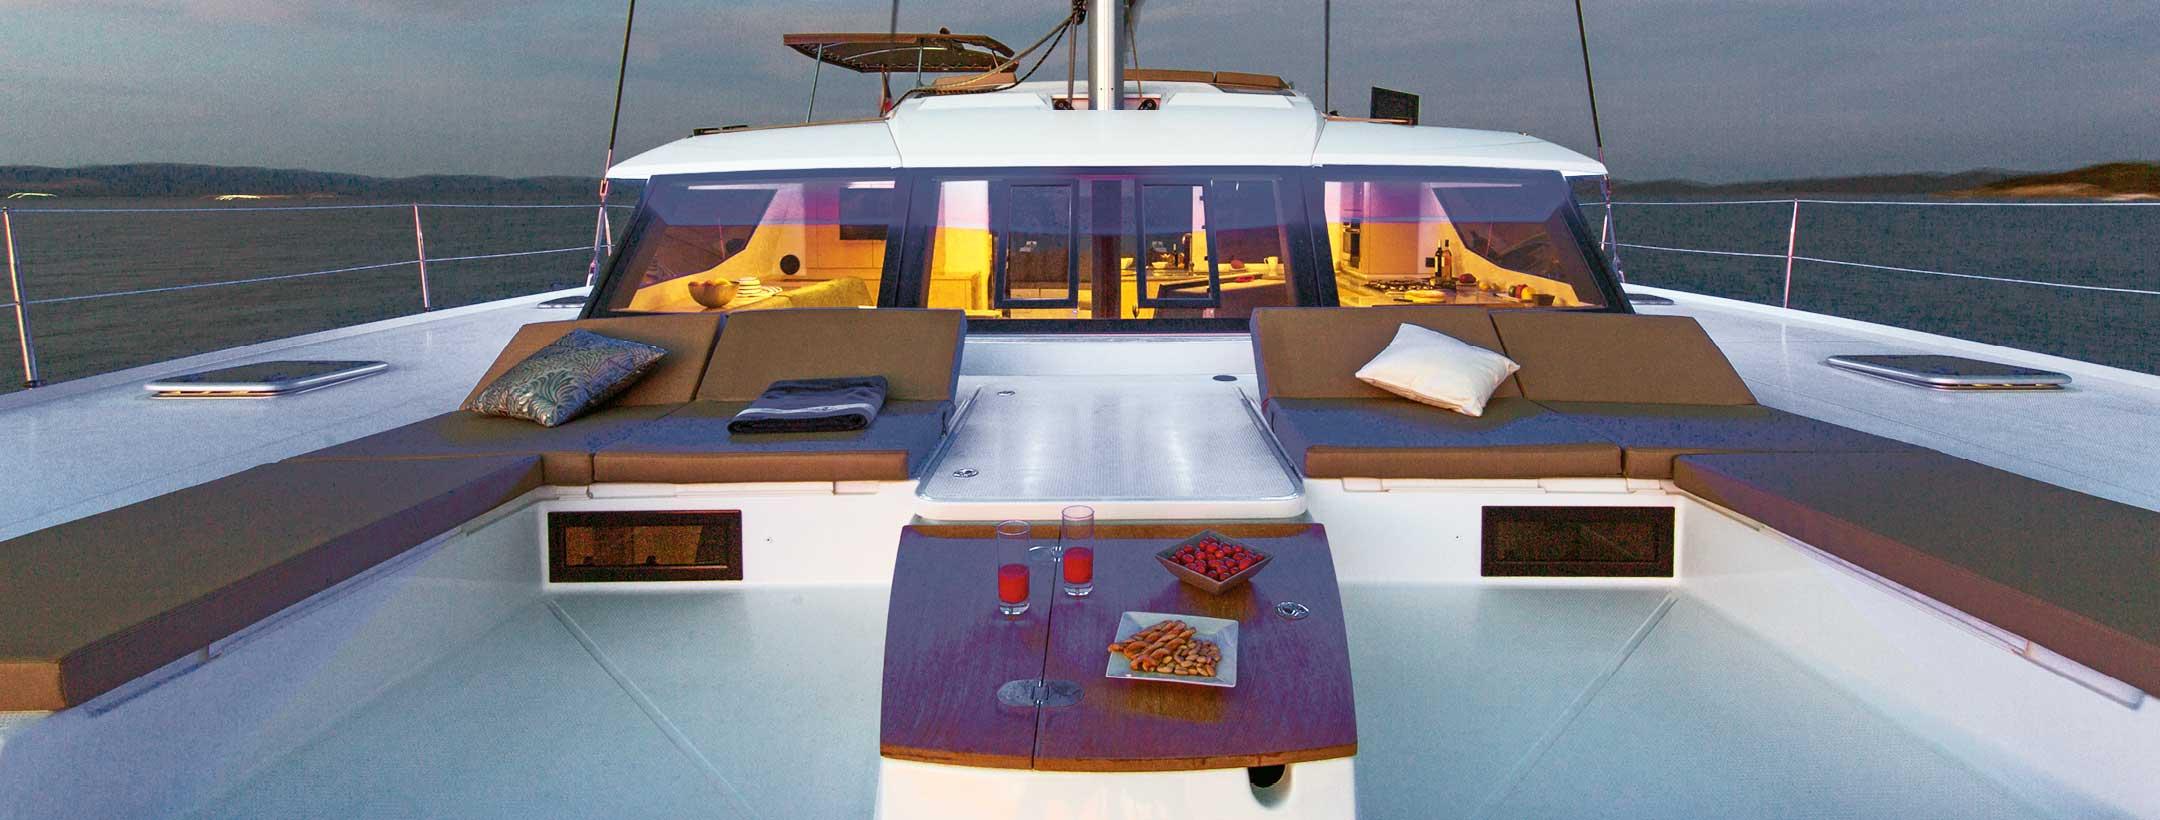 TradeWinds 52 Cruising Class Yacht top deck